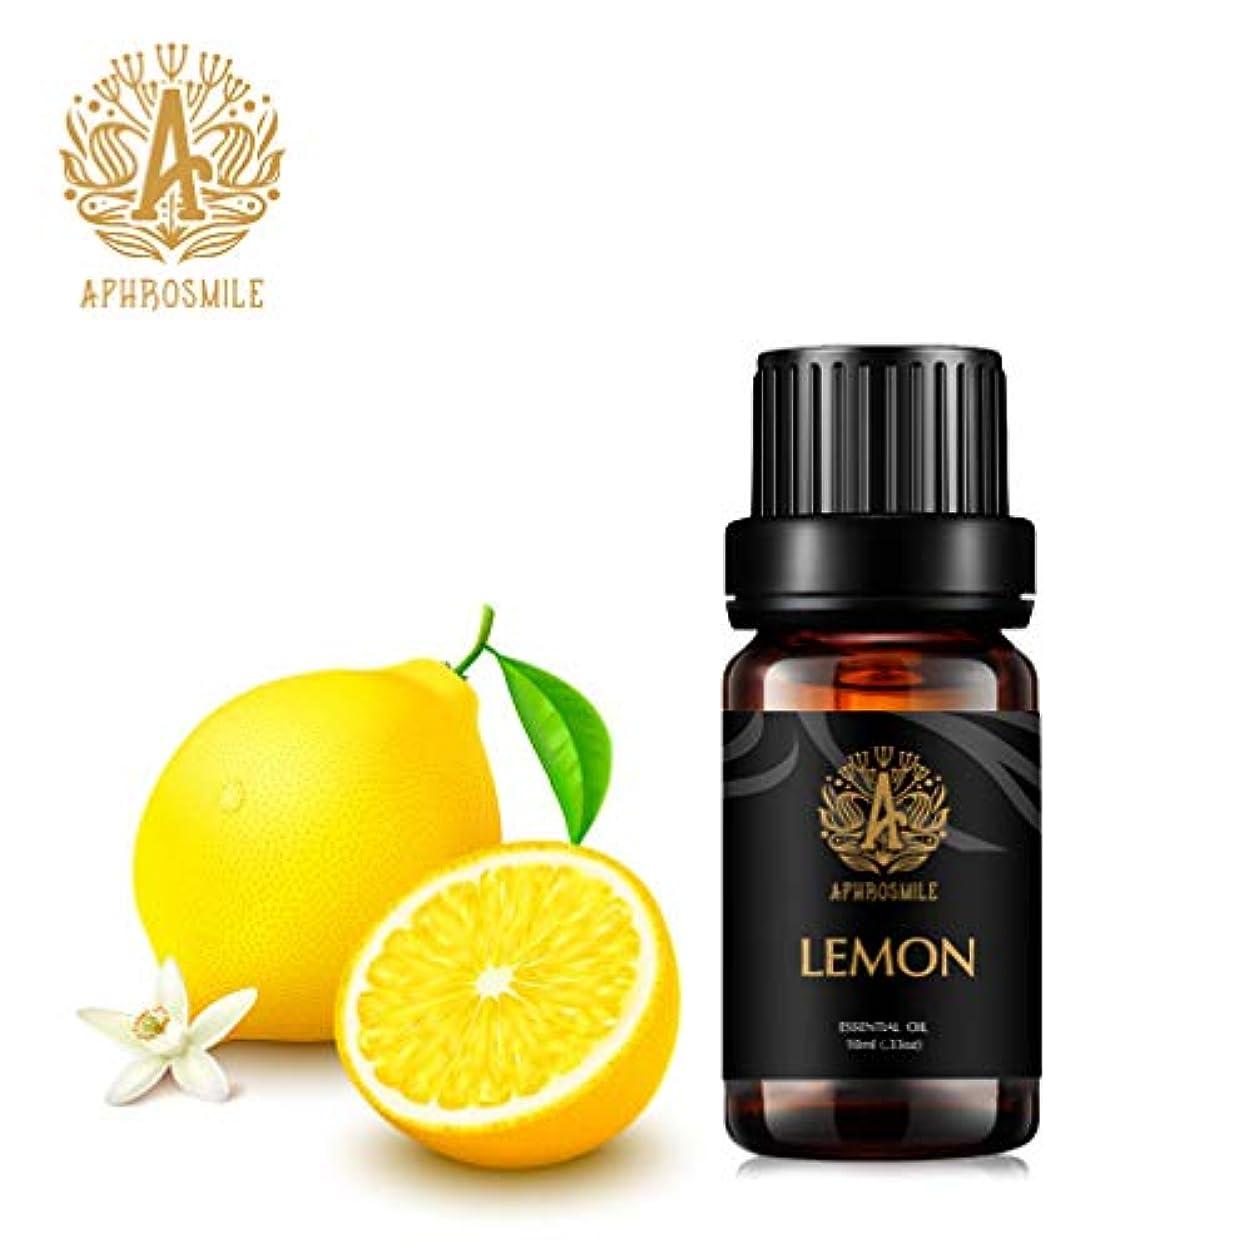 徹底姿勢表面レモン精油、100%純粋なアロマセラピーエッセンシャルオイルレモンの香り、クレンジングとし、空気を浄化します、治療用グレードエッセンシャルオイルレモンの香り為にディフューザー、マッサージ、加湿器、デイリーケア、0.33オンス...